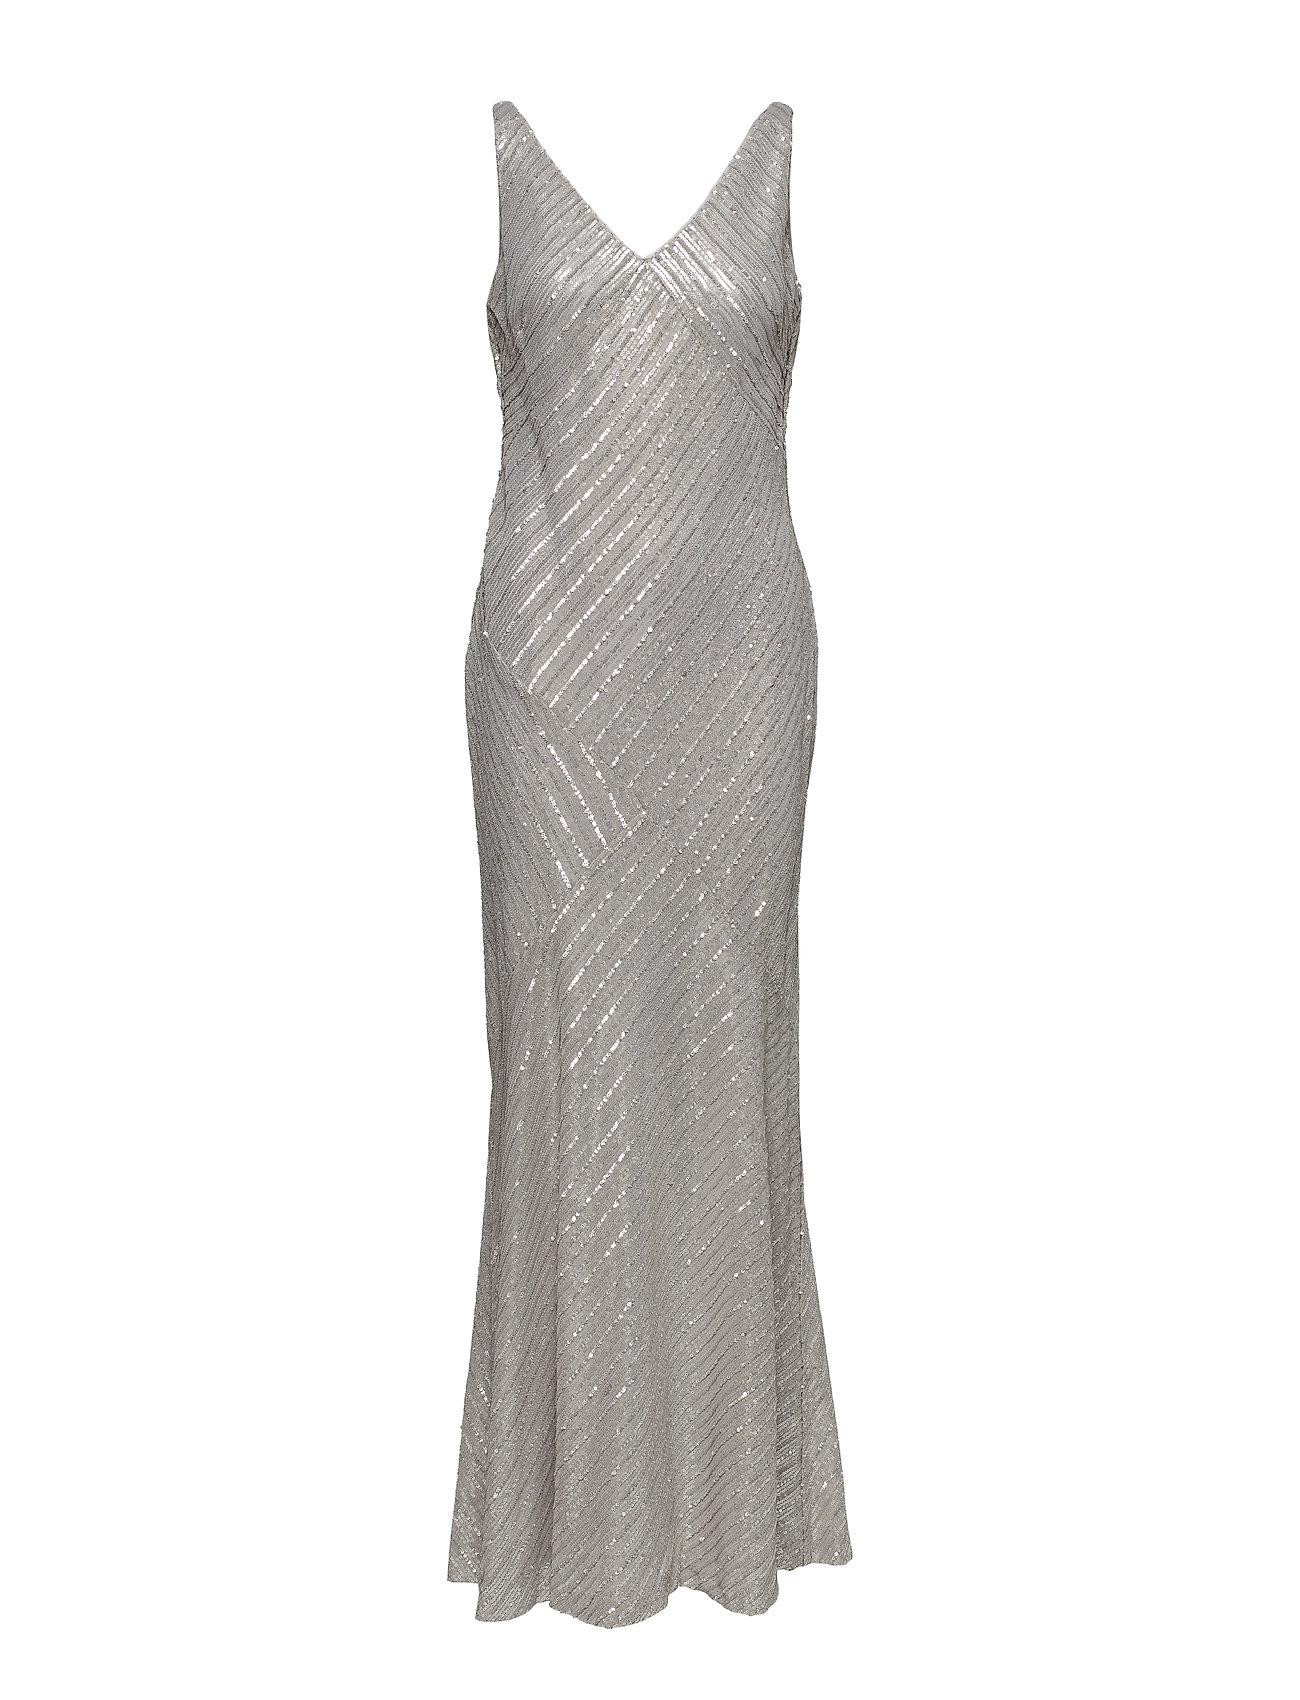 Lauren Ralph Lauren Sequined Mesh Gown - GREY PEARL